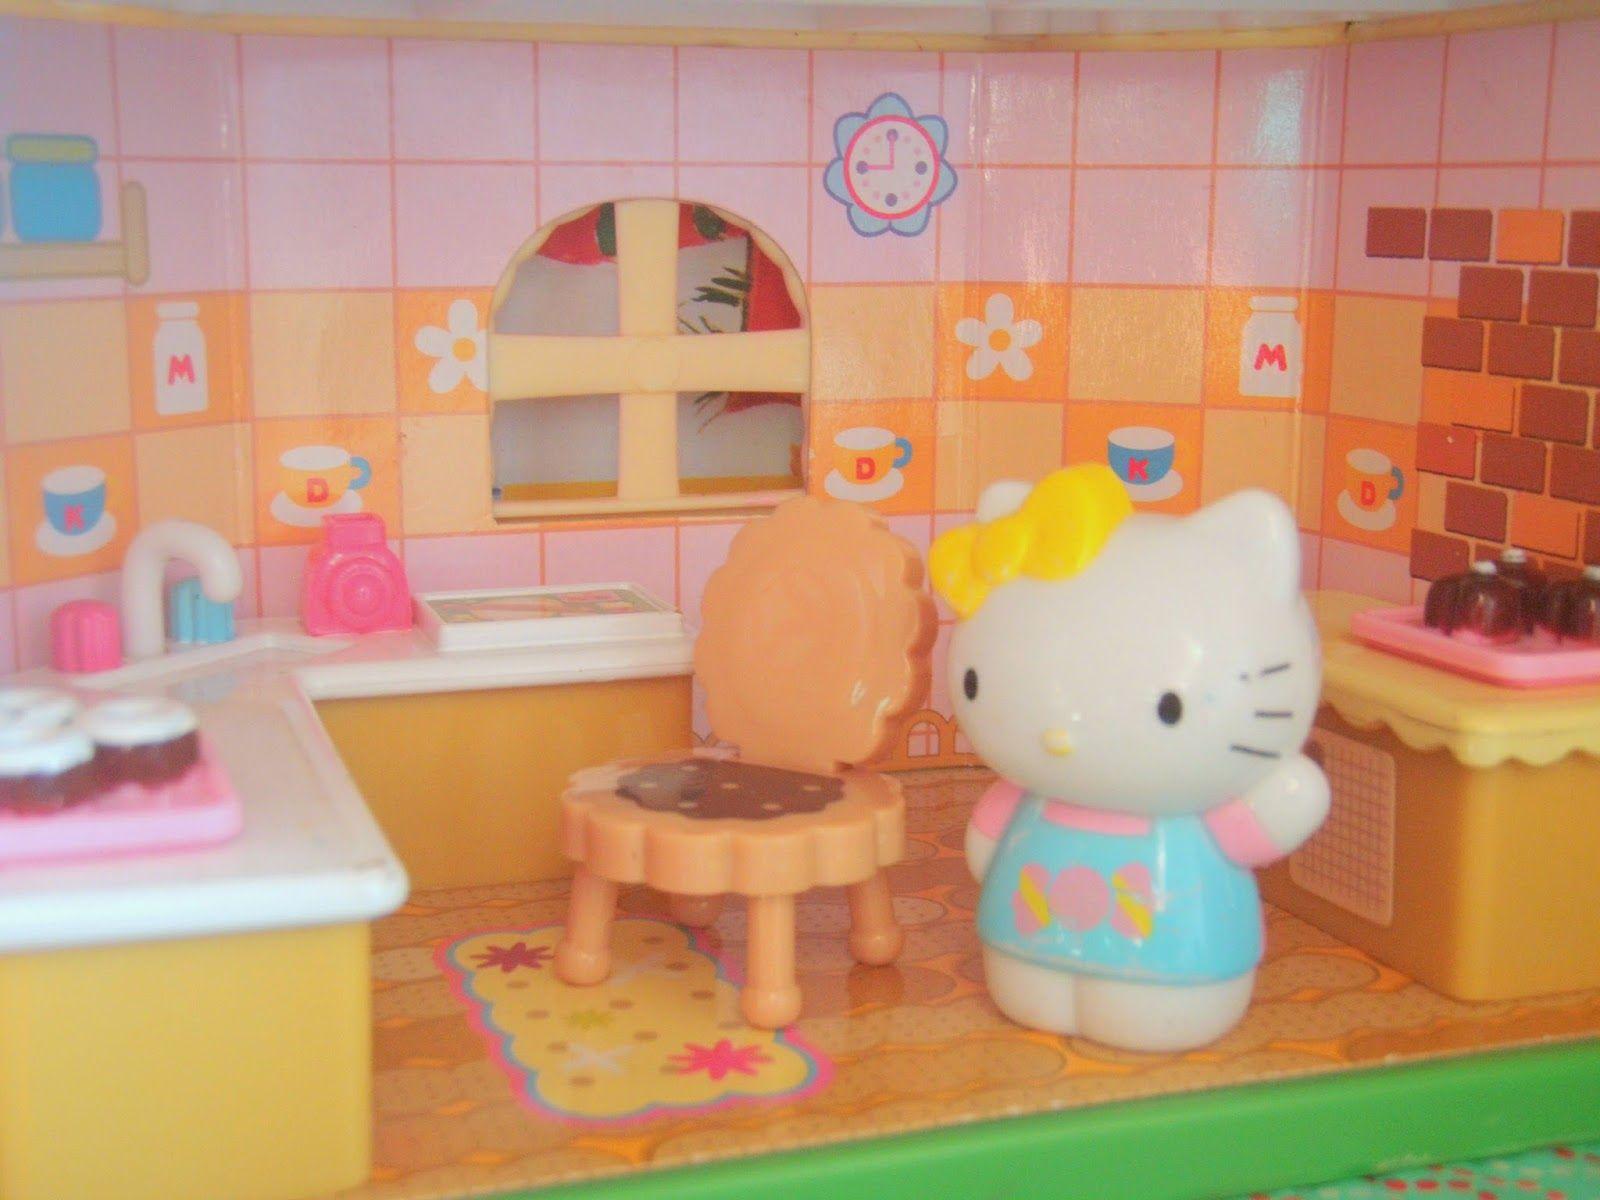 Hello kitty dining room  Hello Kitty House  Canut believe it  Pinterest  Hello kitty house